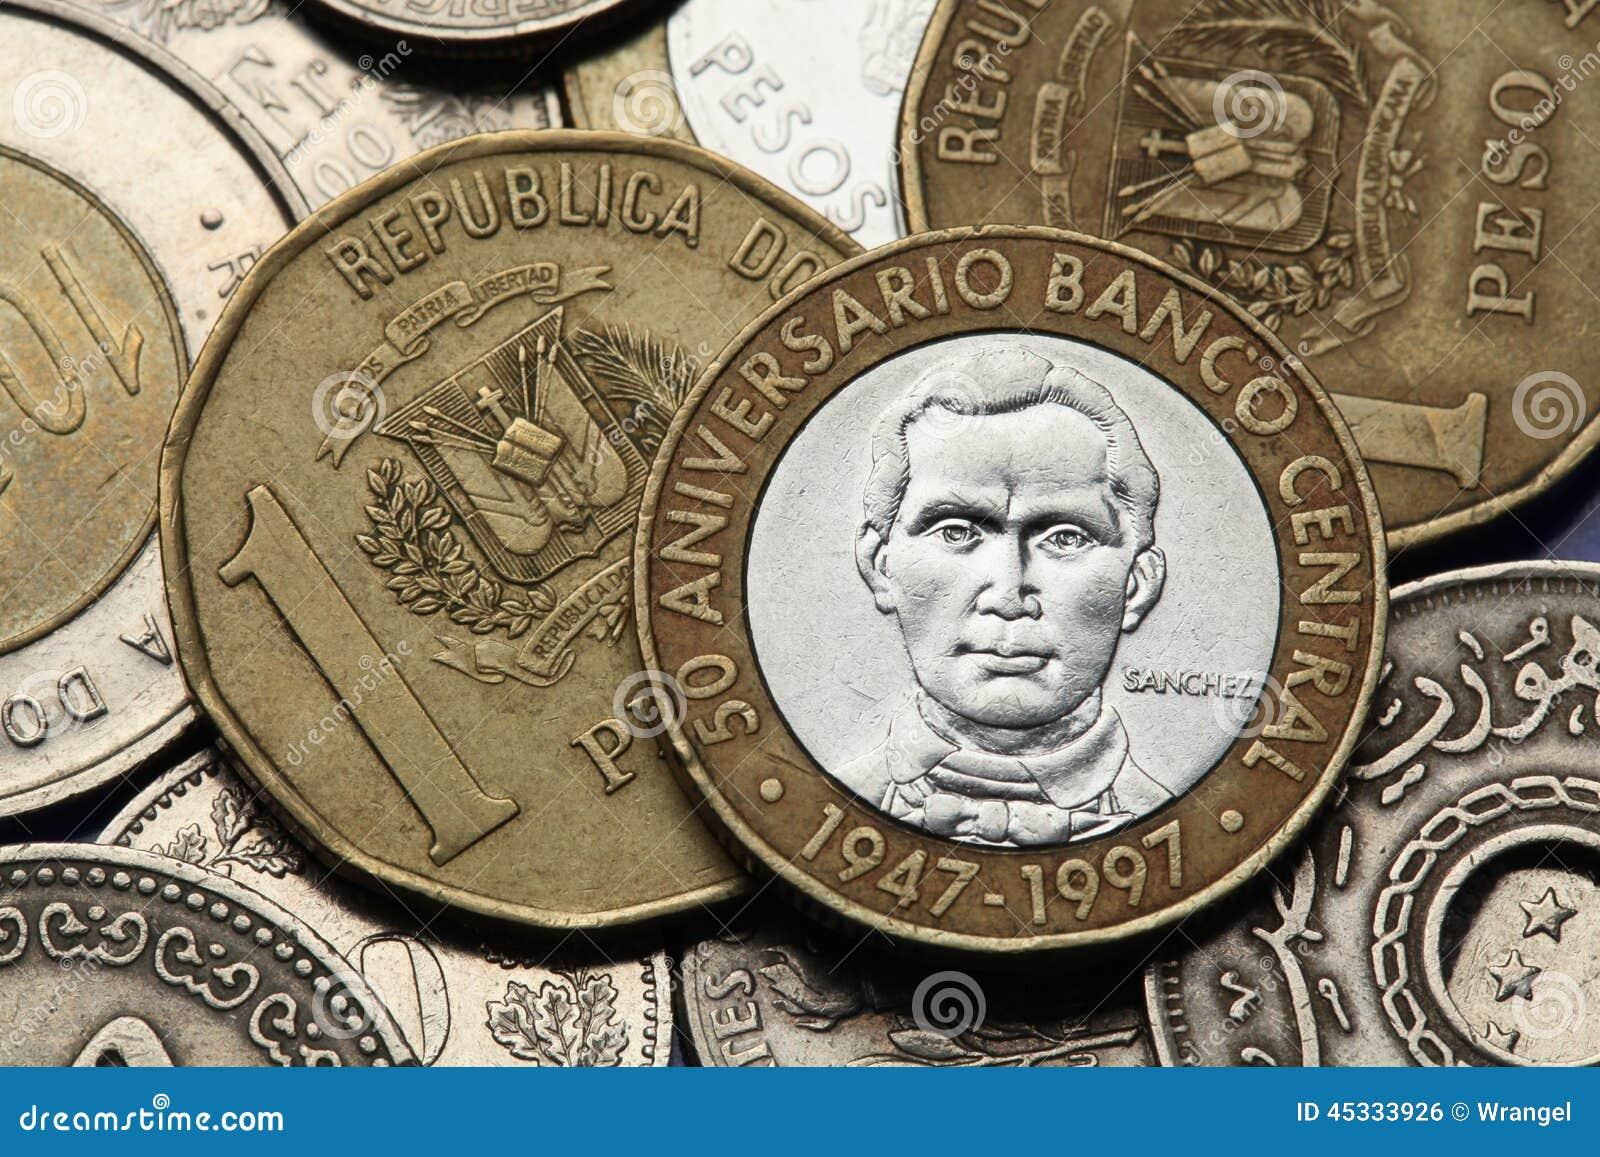 Monedas de la República Dominicana